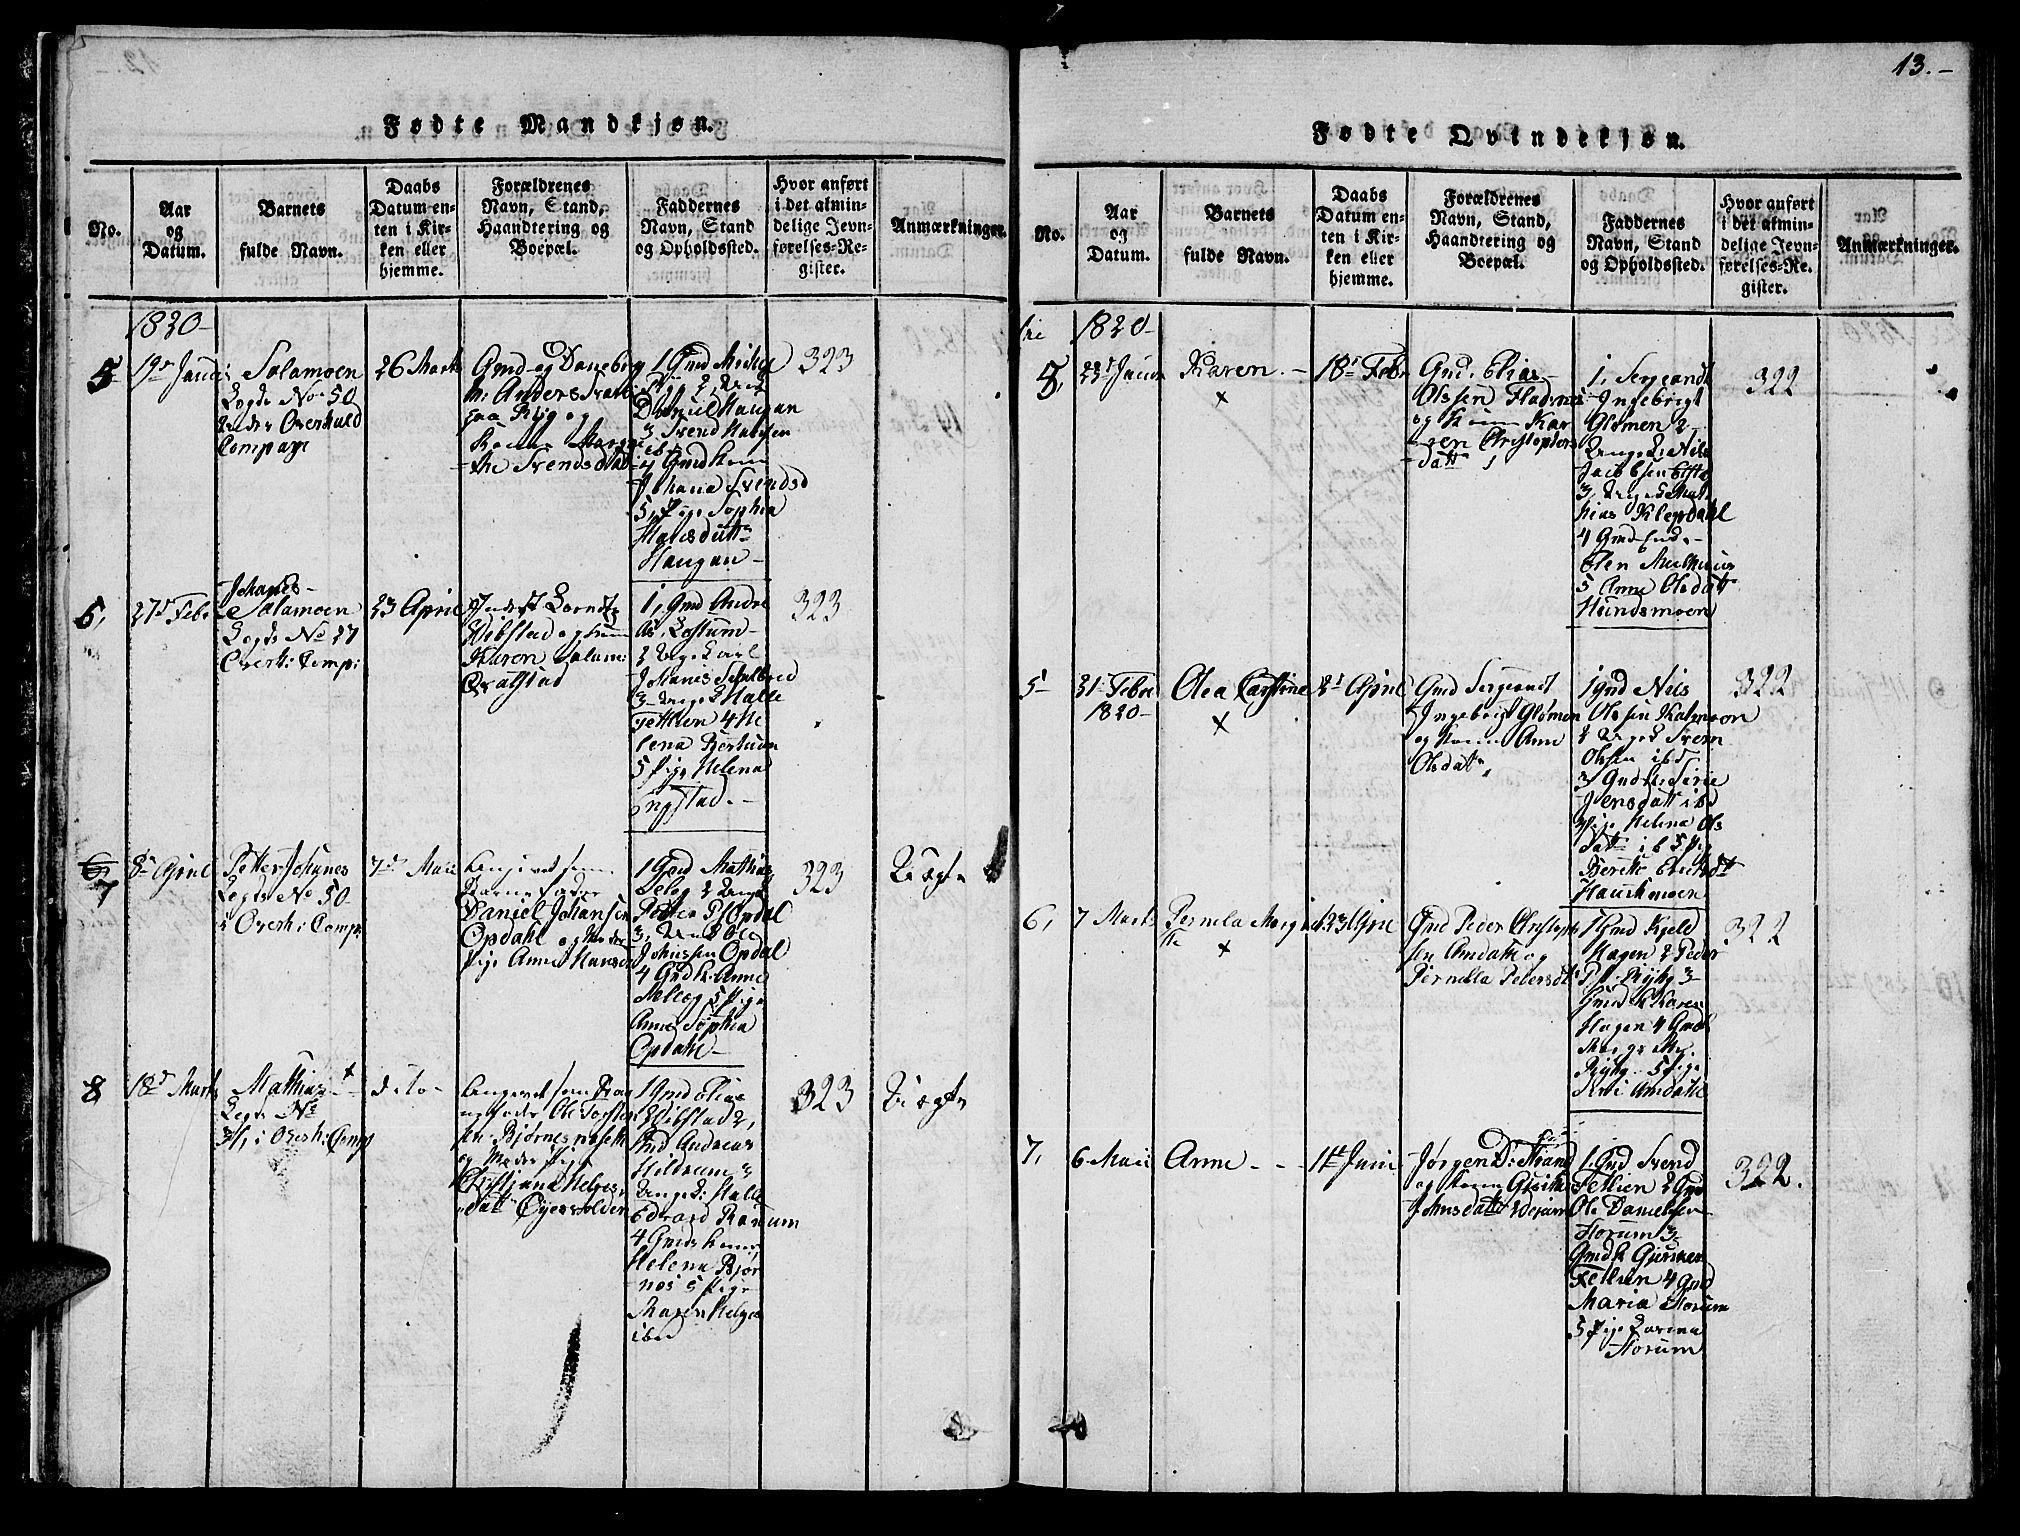 SAT, Ministerialprotokoller, klokkerbøker og fødselsregistre - Nord-Trøndelag, 764/L0559: Klokkerbok nr. 764C01, 1816-1824, s. 13